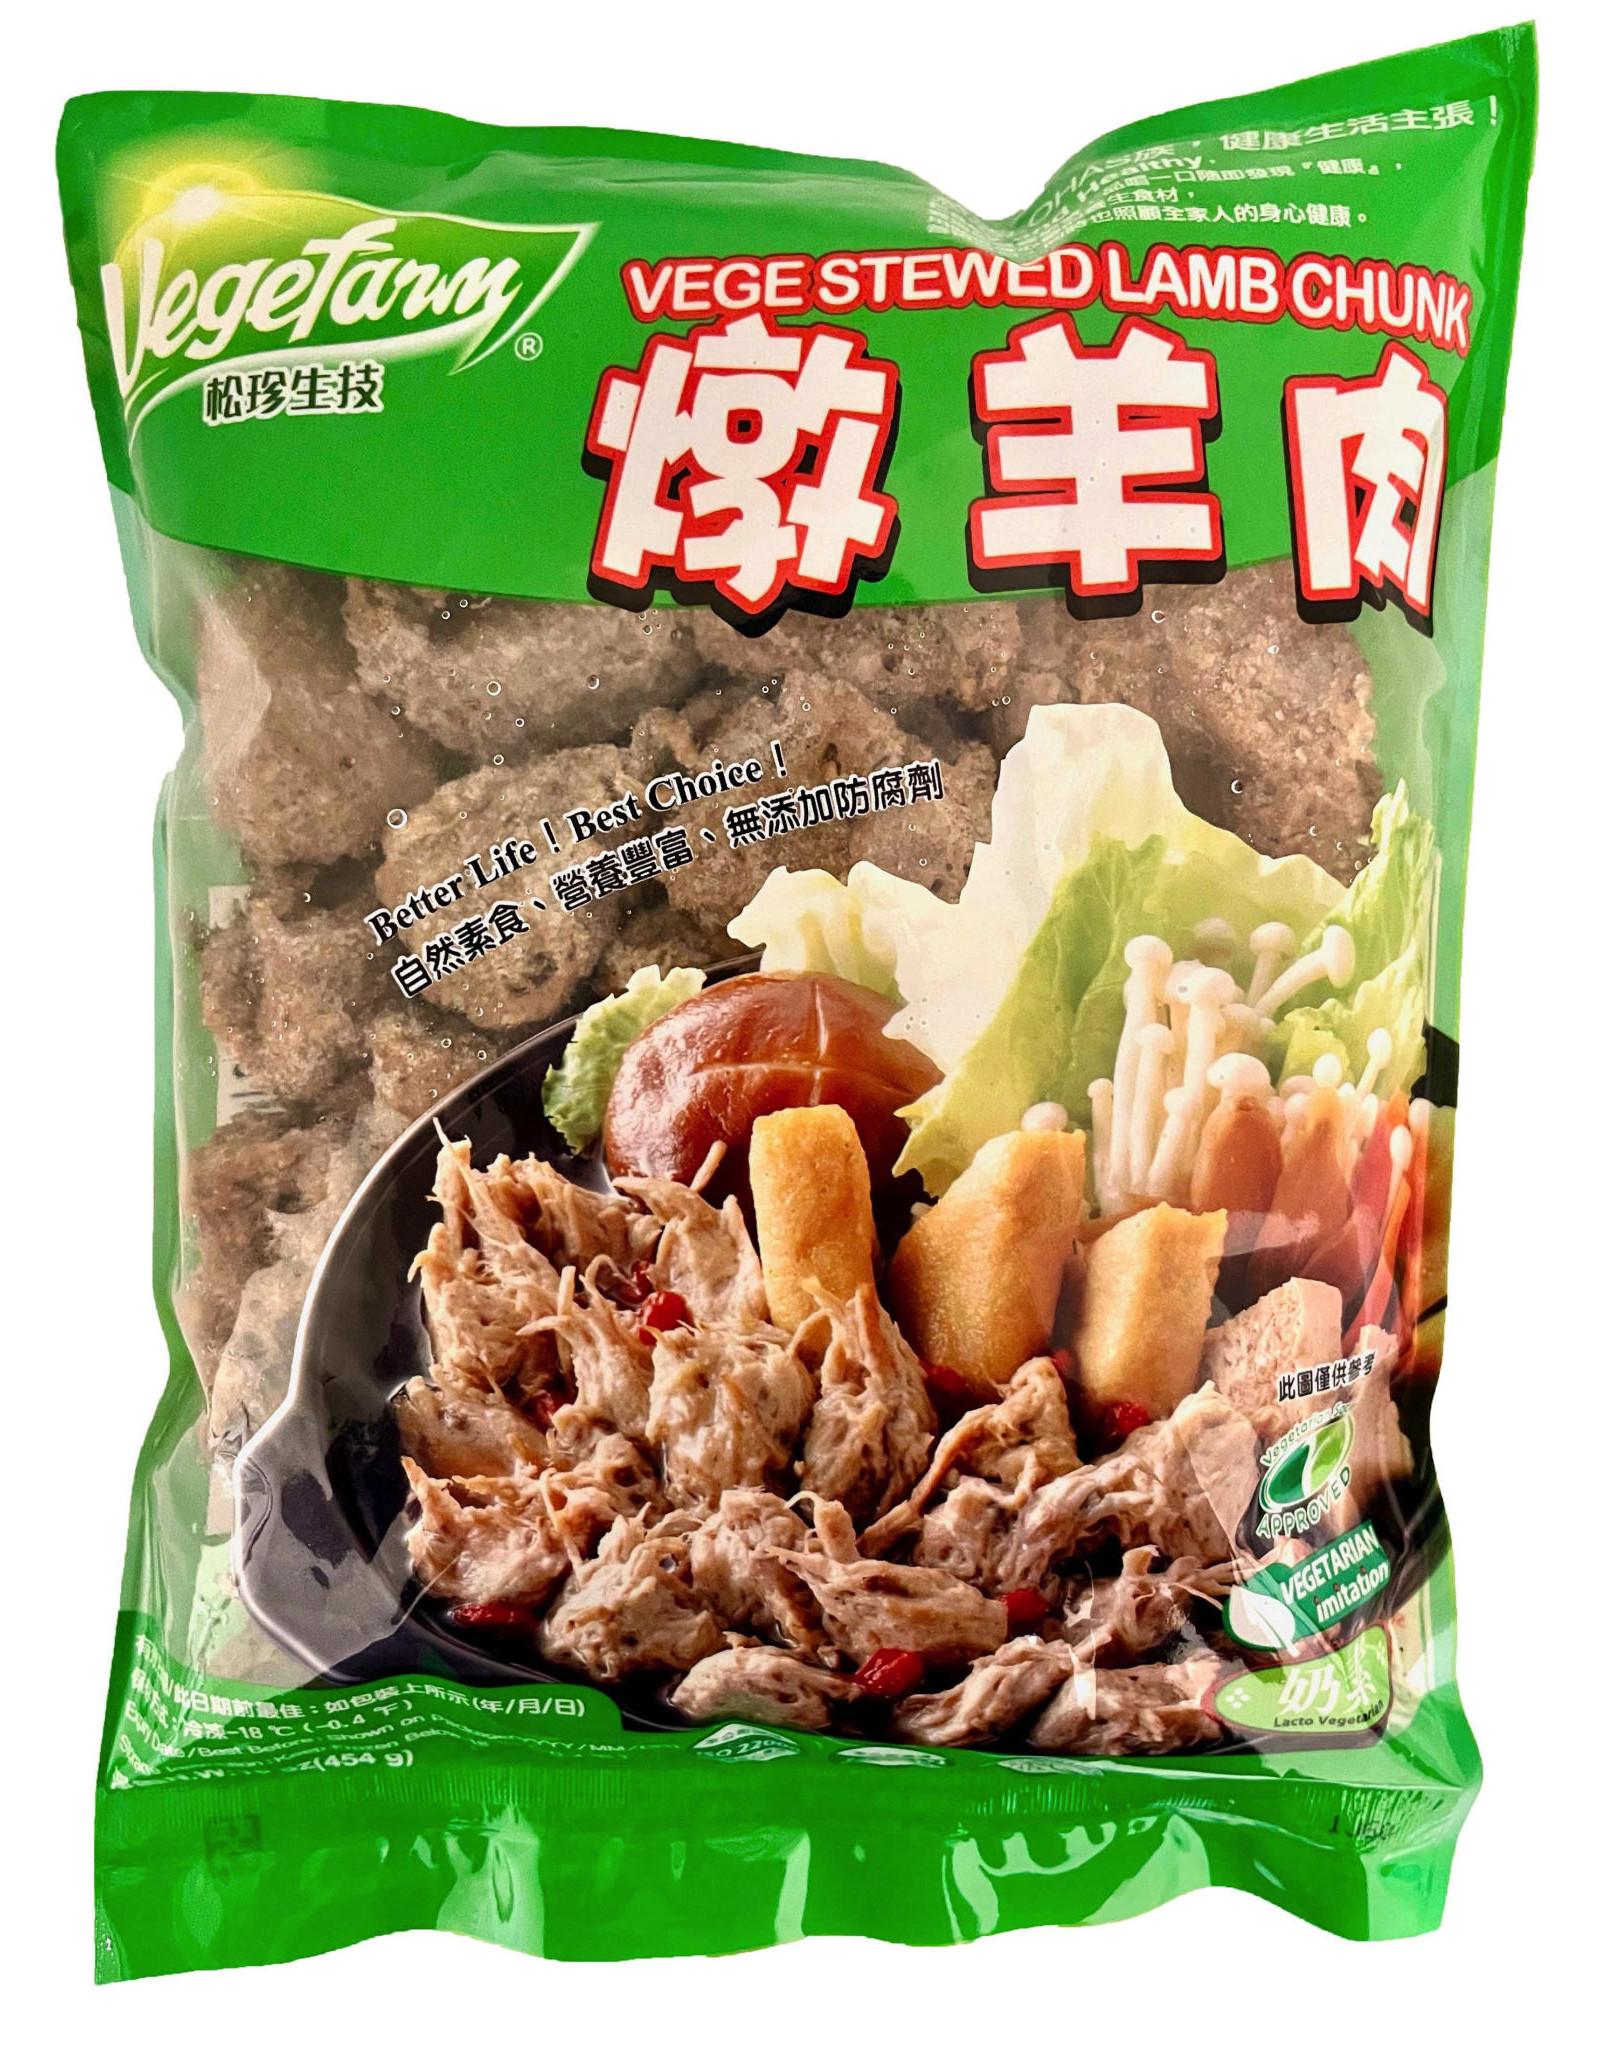 Vegefarm * 松珍 (VF) Vege Stewed Lamb Chunk (L)*(松珍) 素燉羊肉 (L)